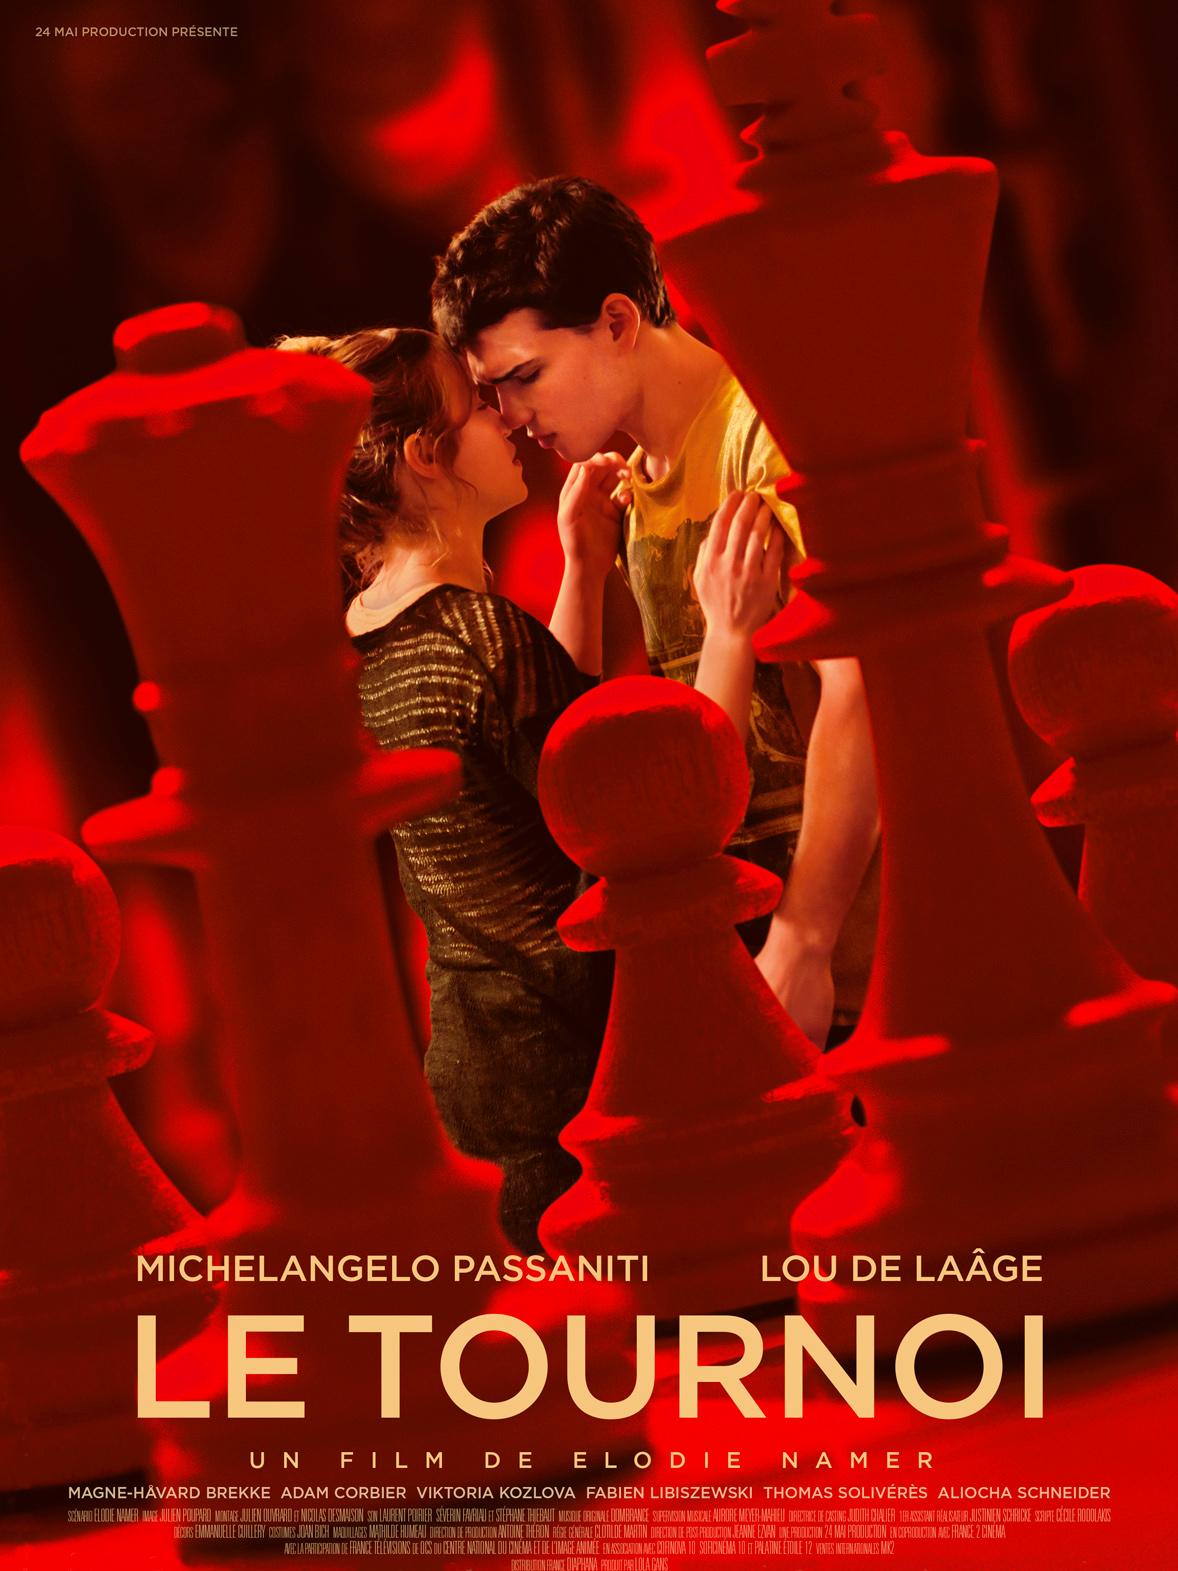 Le Tournoi | Namer, Elodie (Réalisateur)